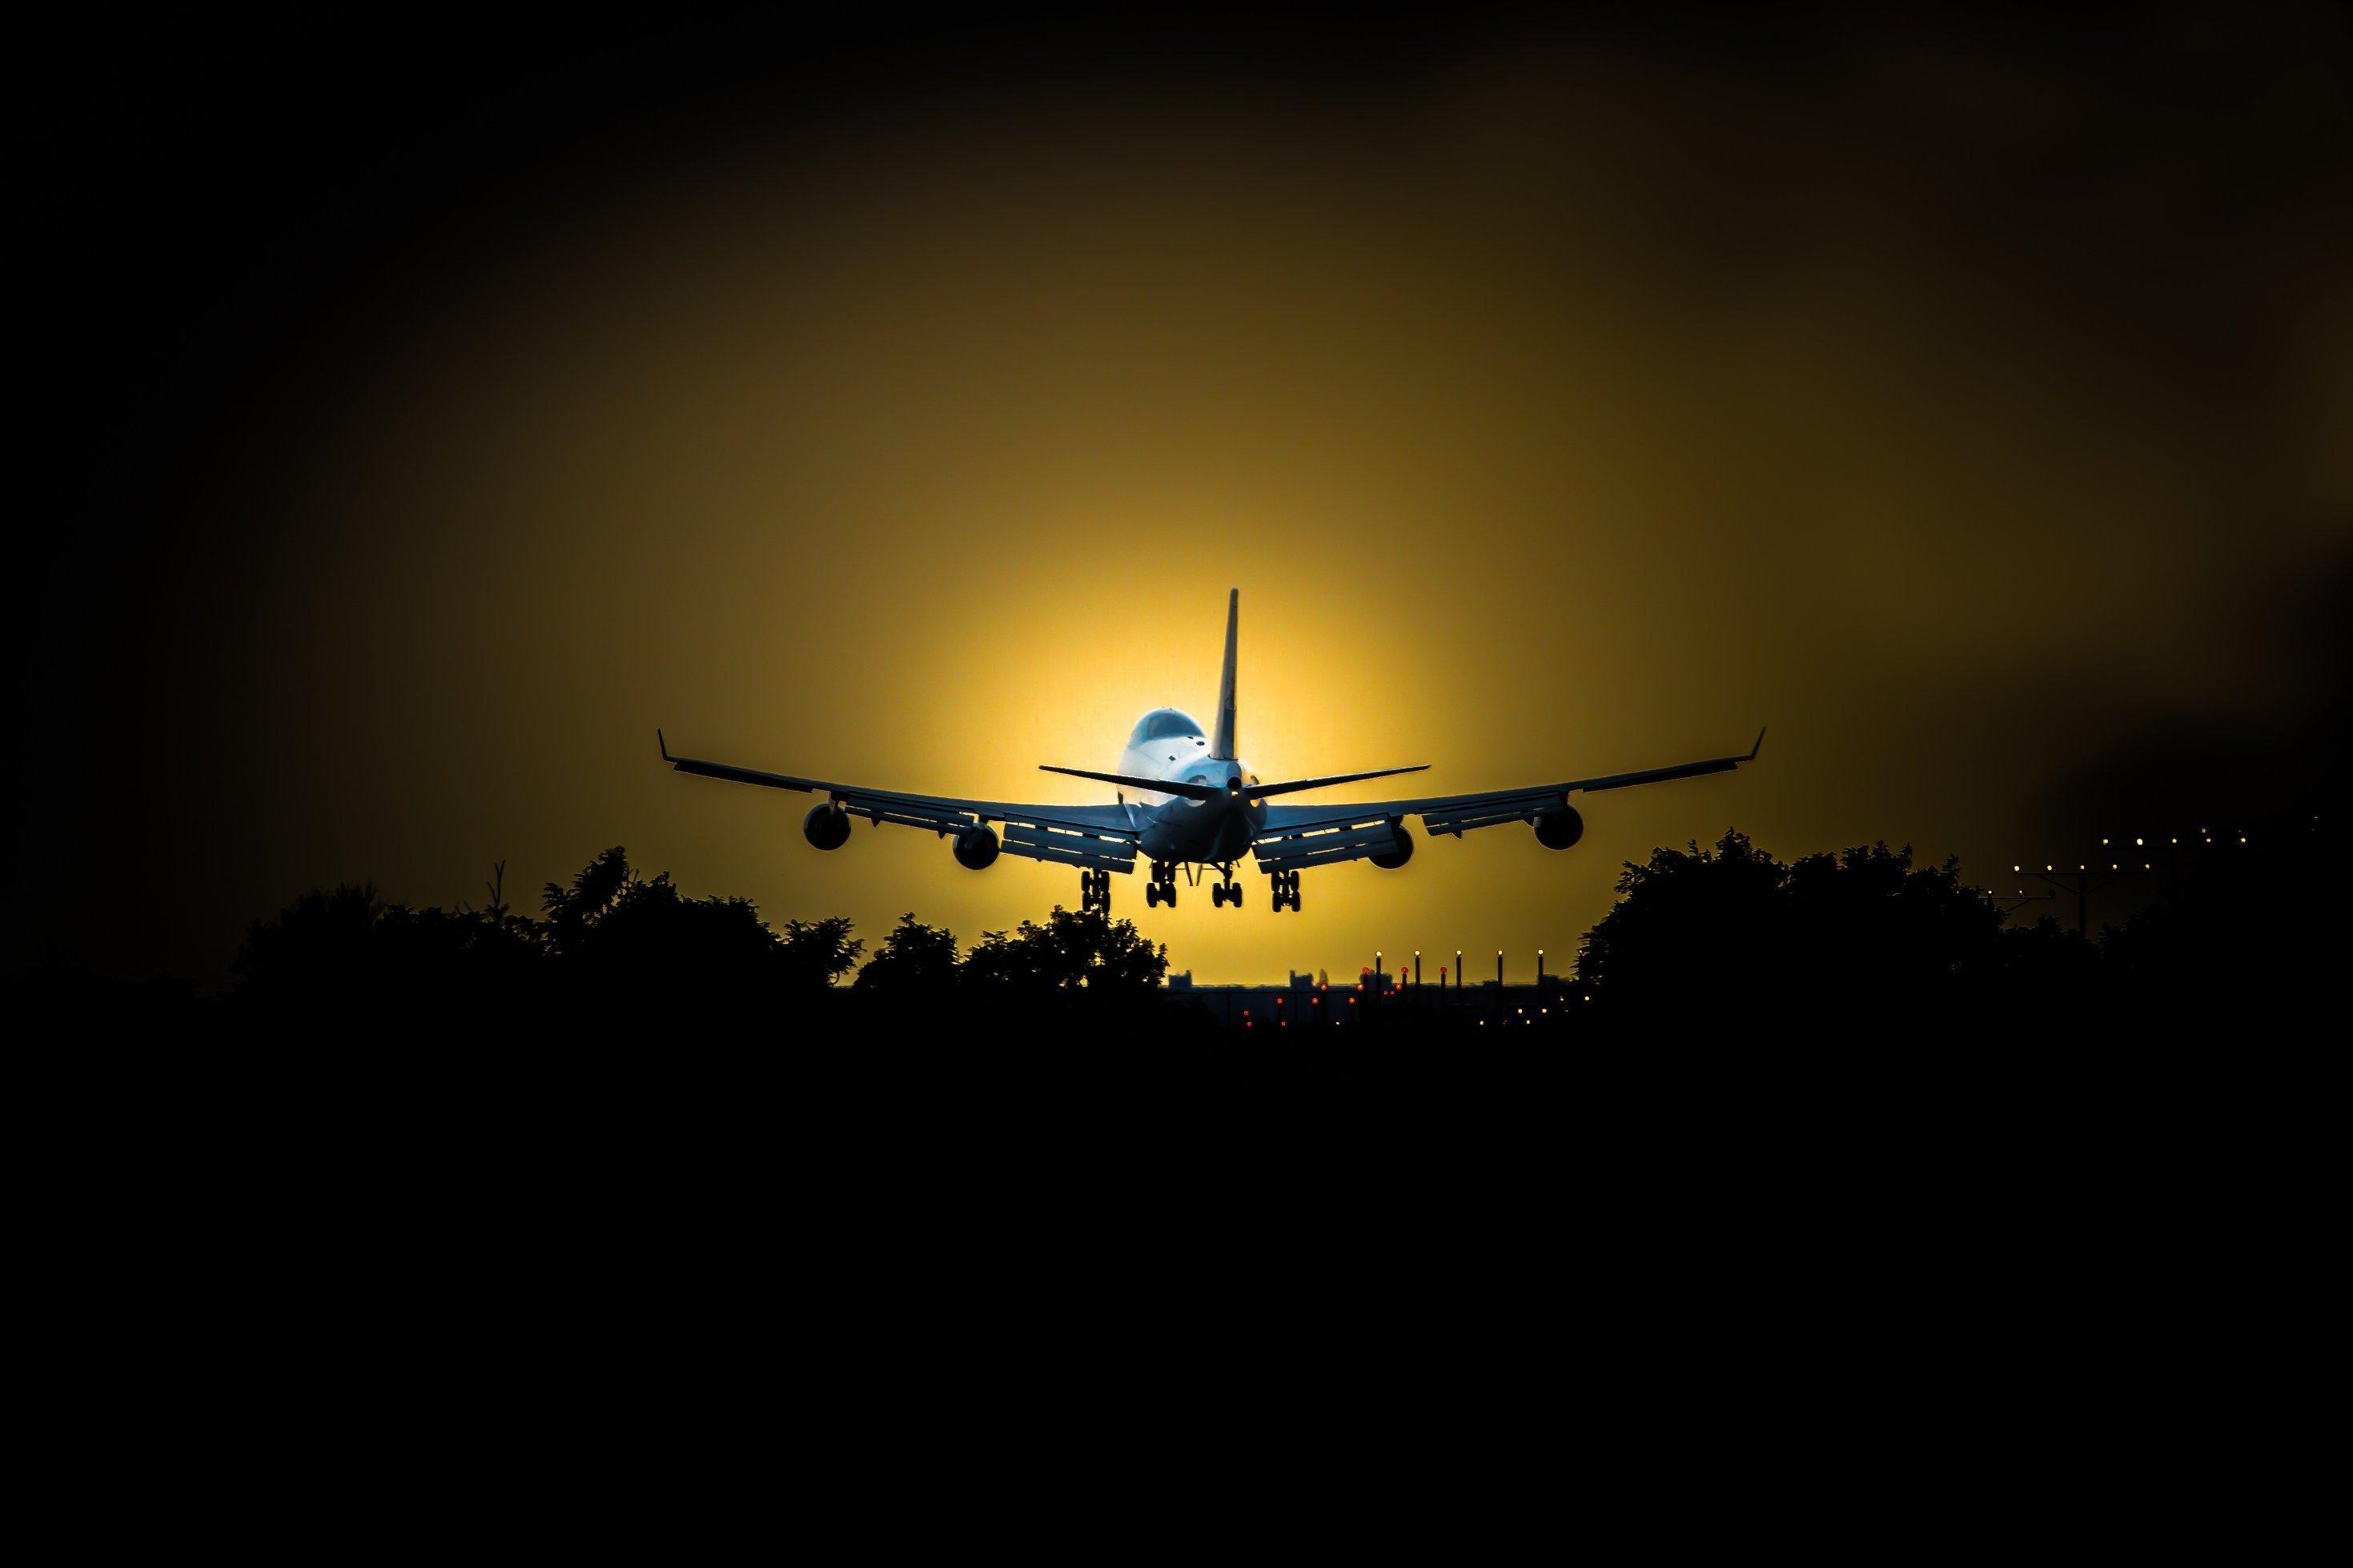 Flugzeug startet vor einem Sonnenuntergang